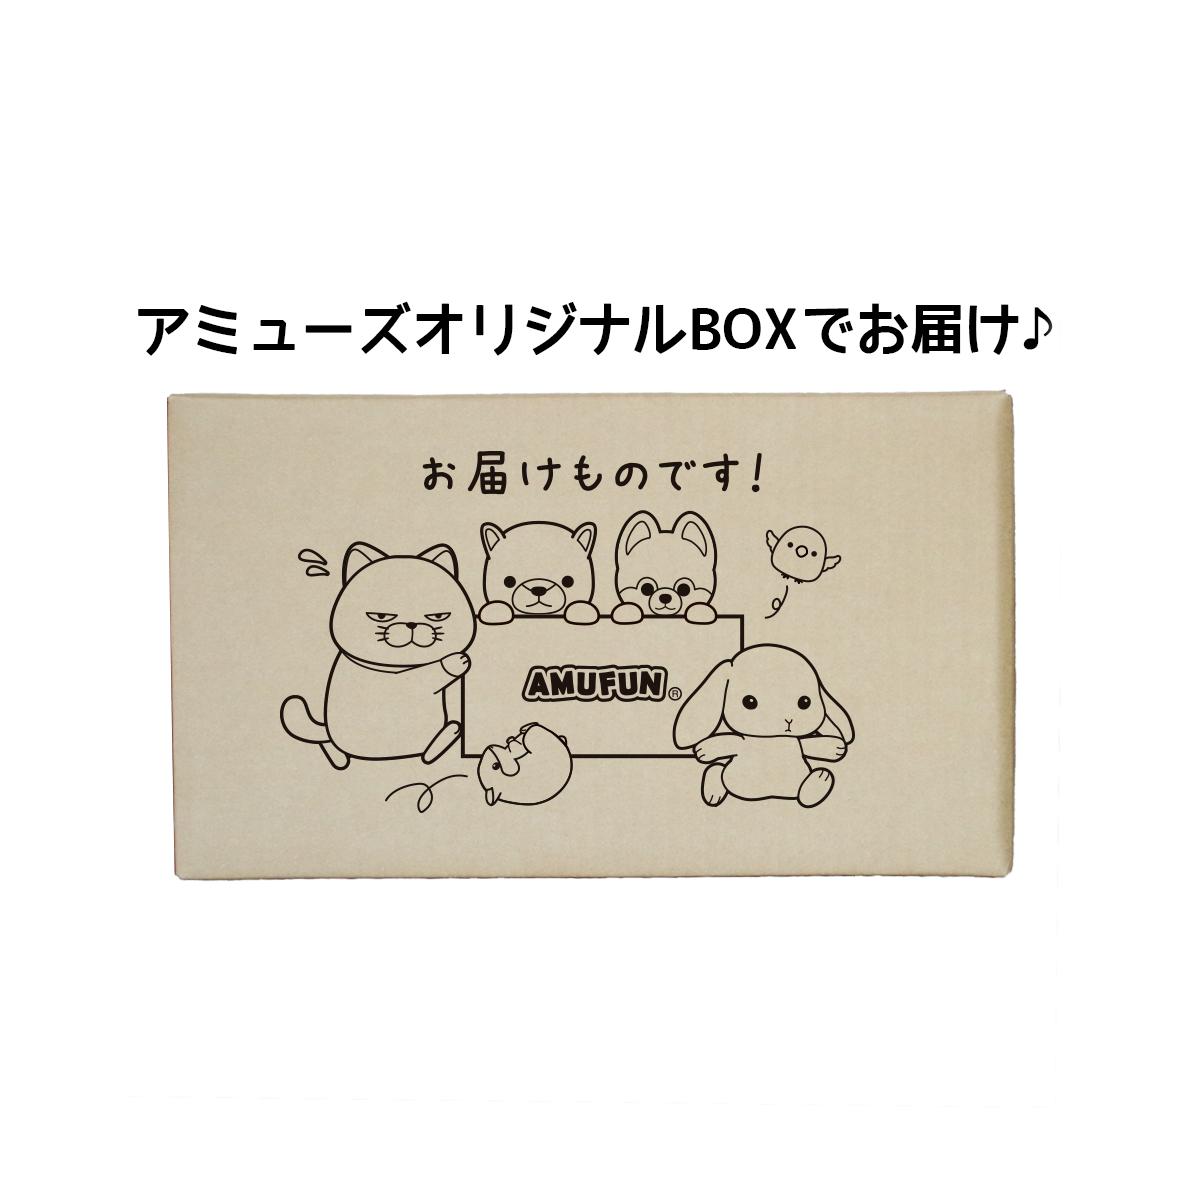 【数量限定】ぽてうさろっぴーアミュ箱(小)